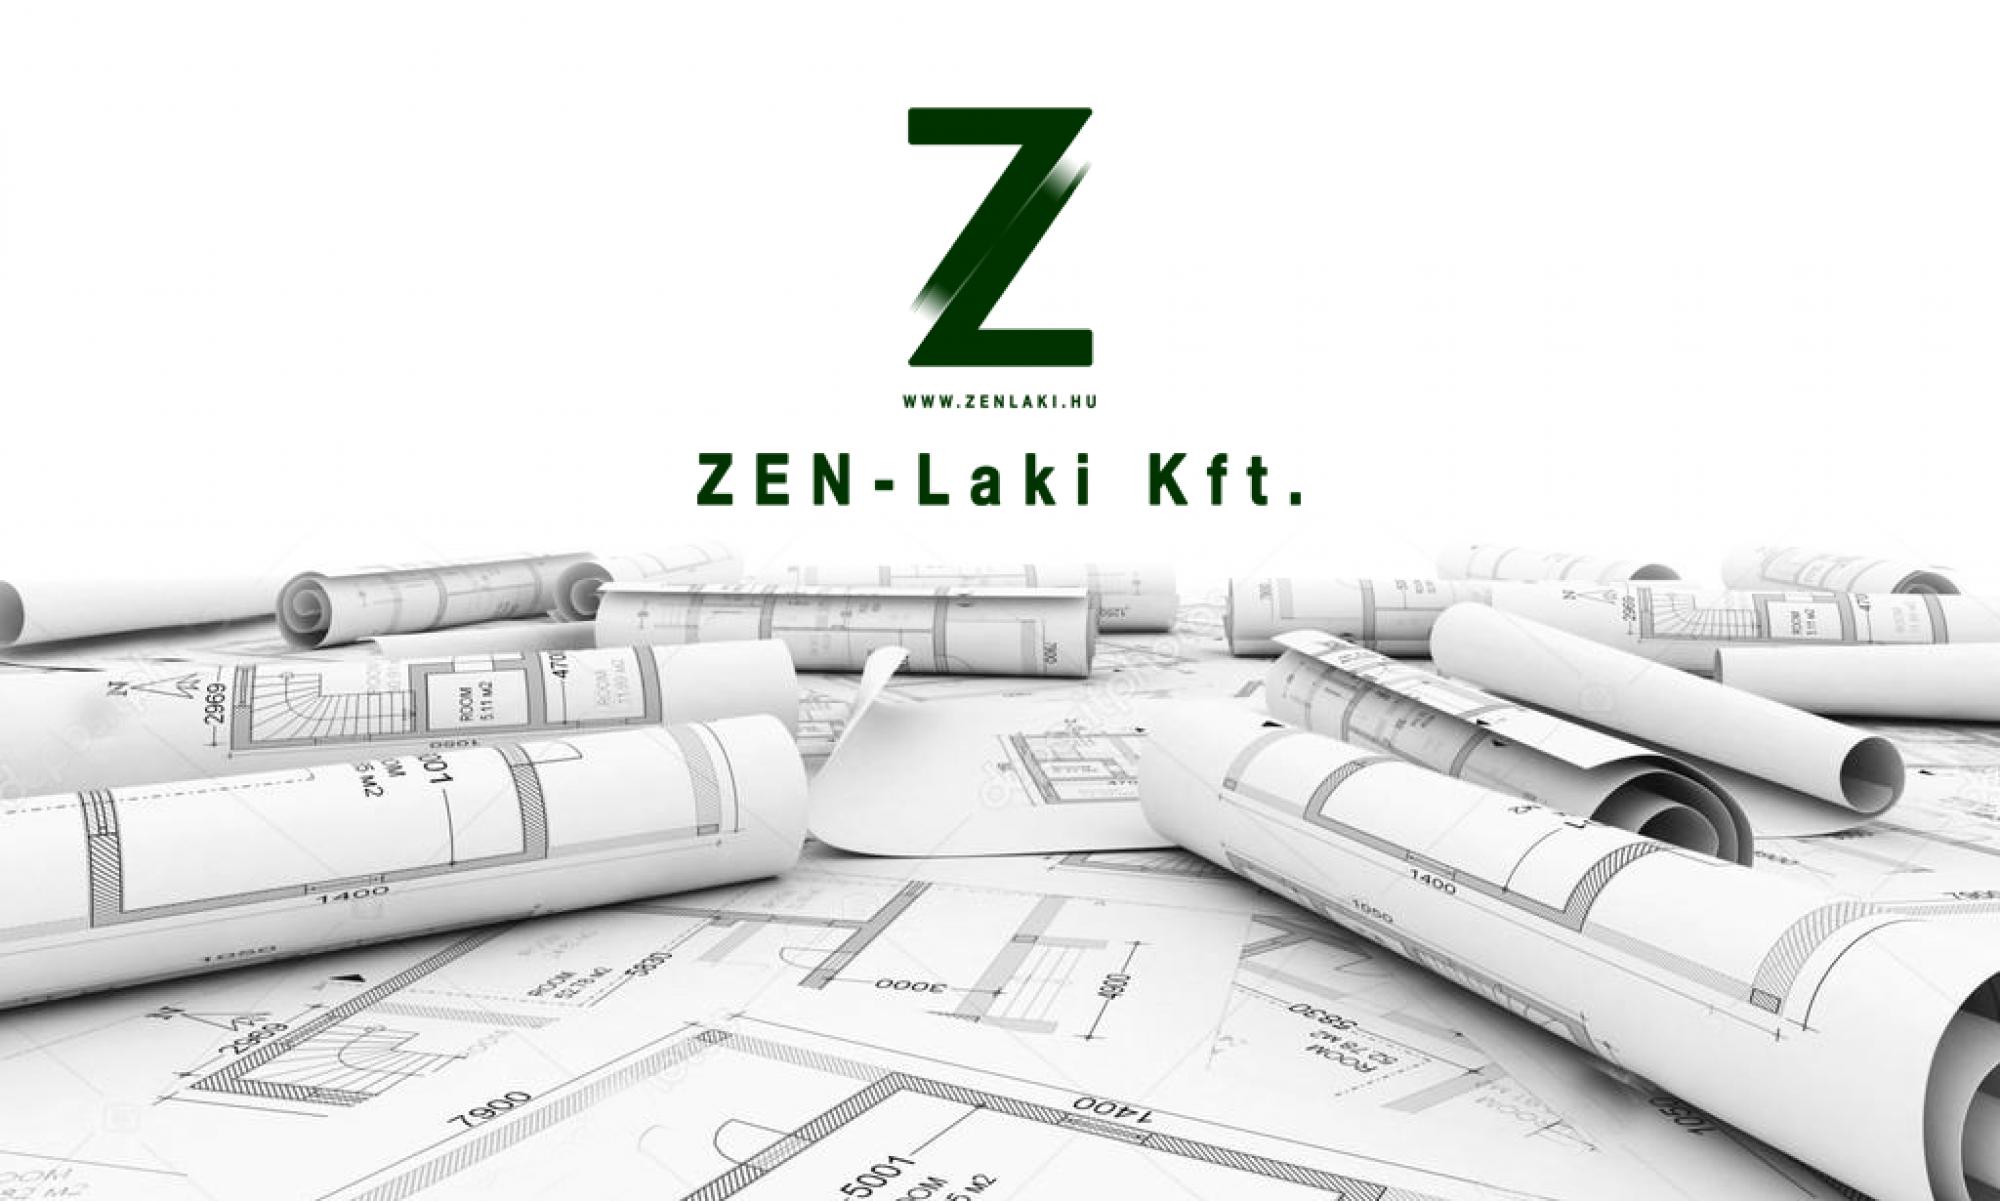 ZEN-Laki Kft.